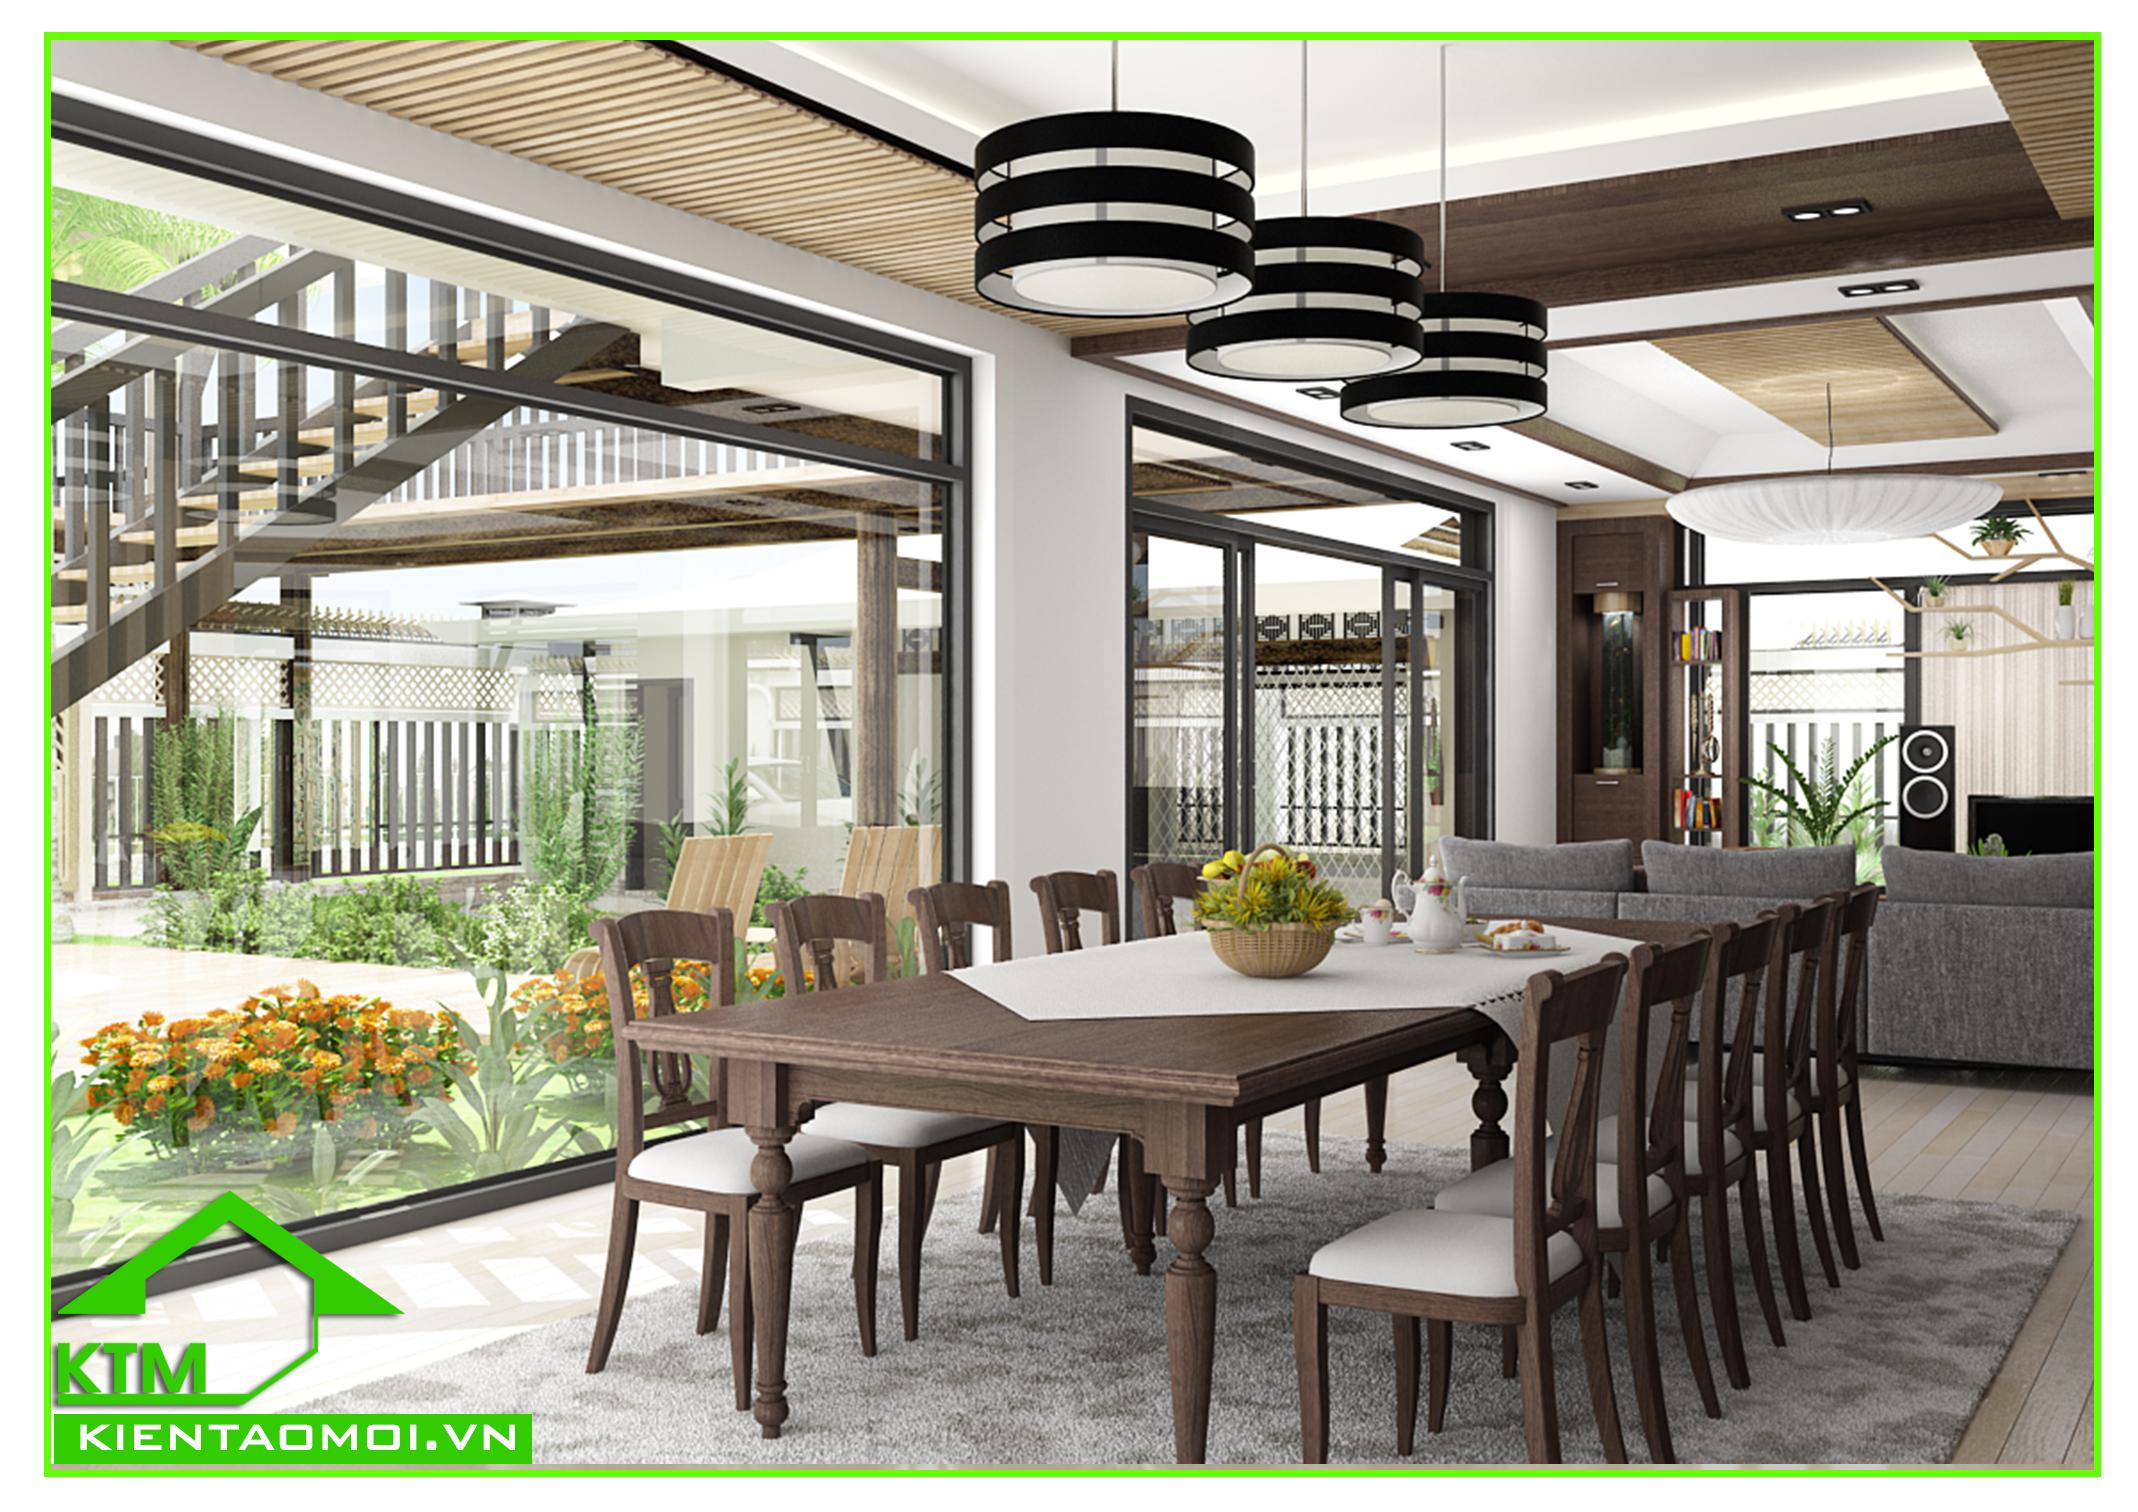 Thiết kế nội thất phòng ăn biệt thự vườn anh Tuấn Kiệt Tây Ninh